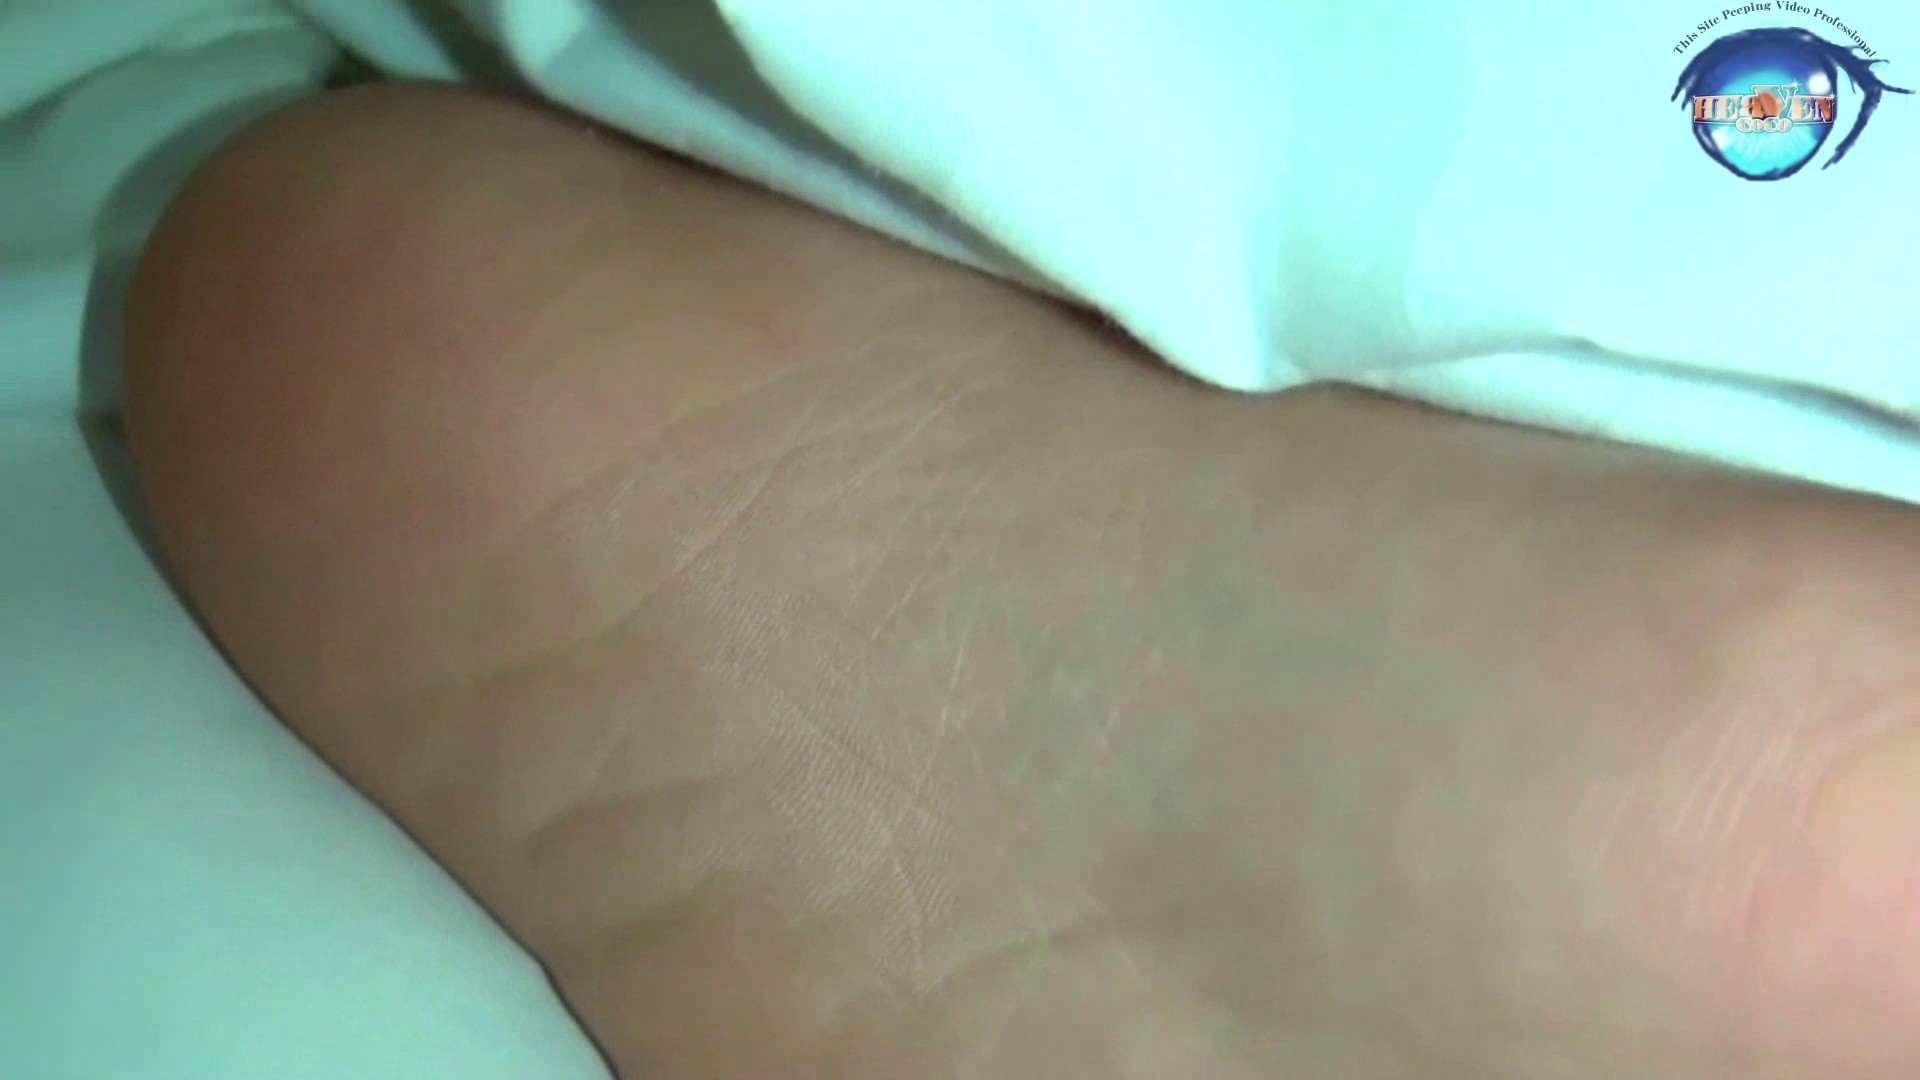 睡魔 シュウライ 第参十話 前半 乳首ポロリ   イタズラ  60画像 19